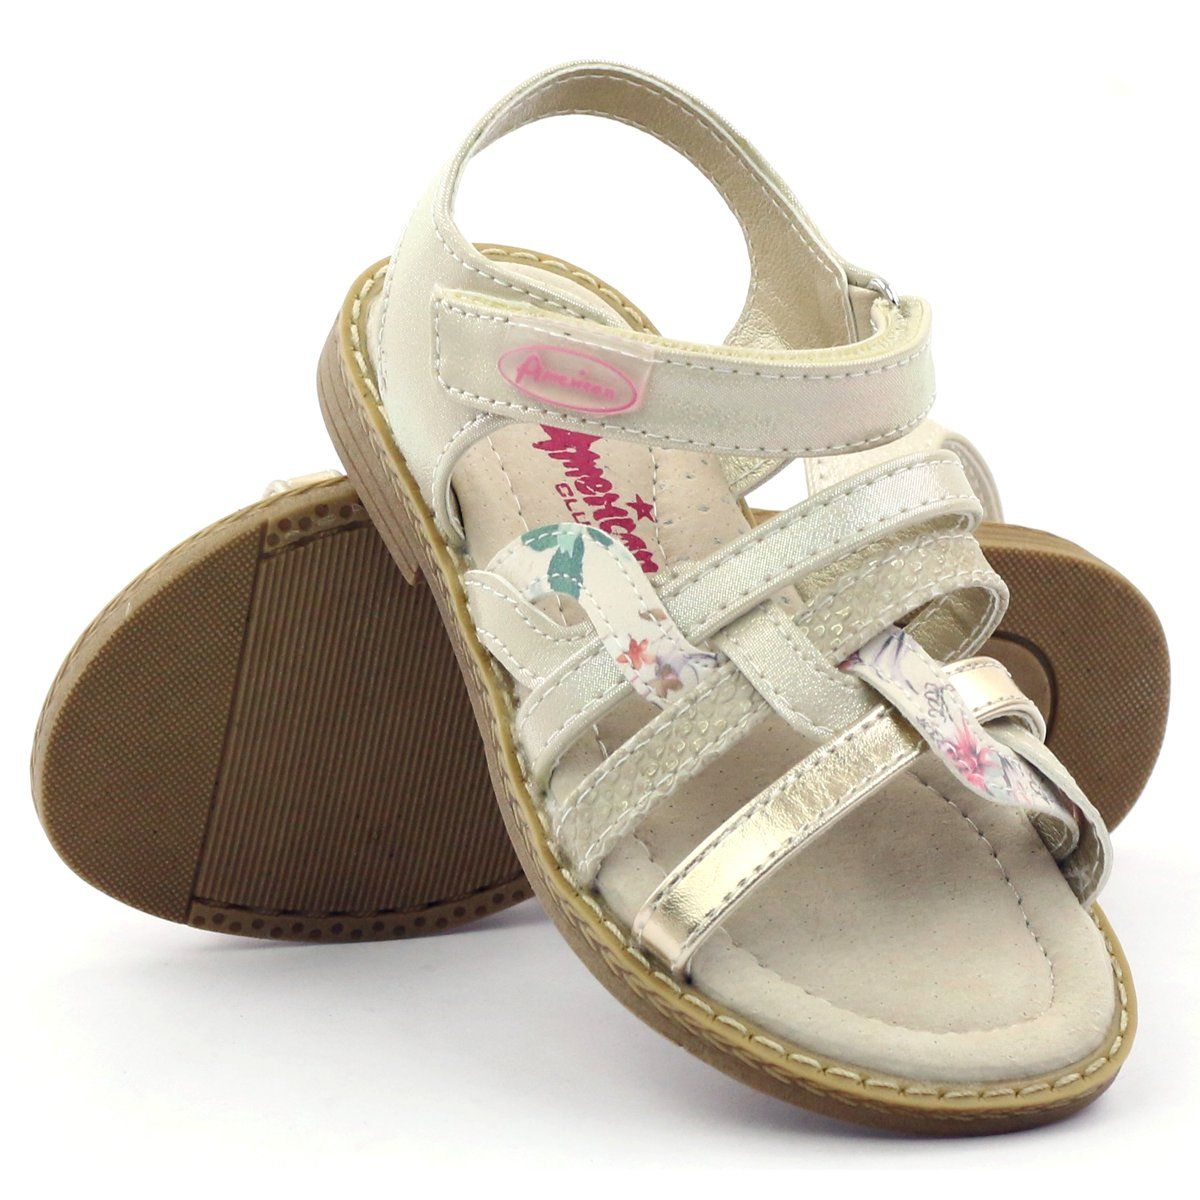 4a778b0e #Sandałki dziecięce #Dla dzieci #AmericanClub #Różowe #Żółte #Zielone  #Brązowe #Sandałki #Dziewczęce #Rzepy #American #15079 #American #Club